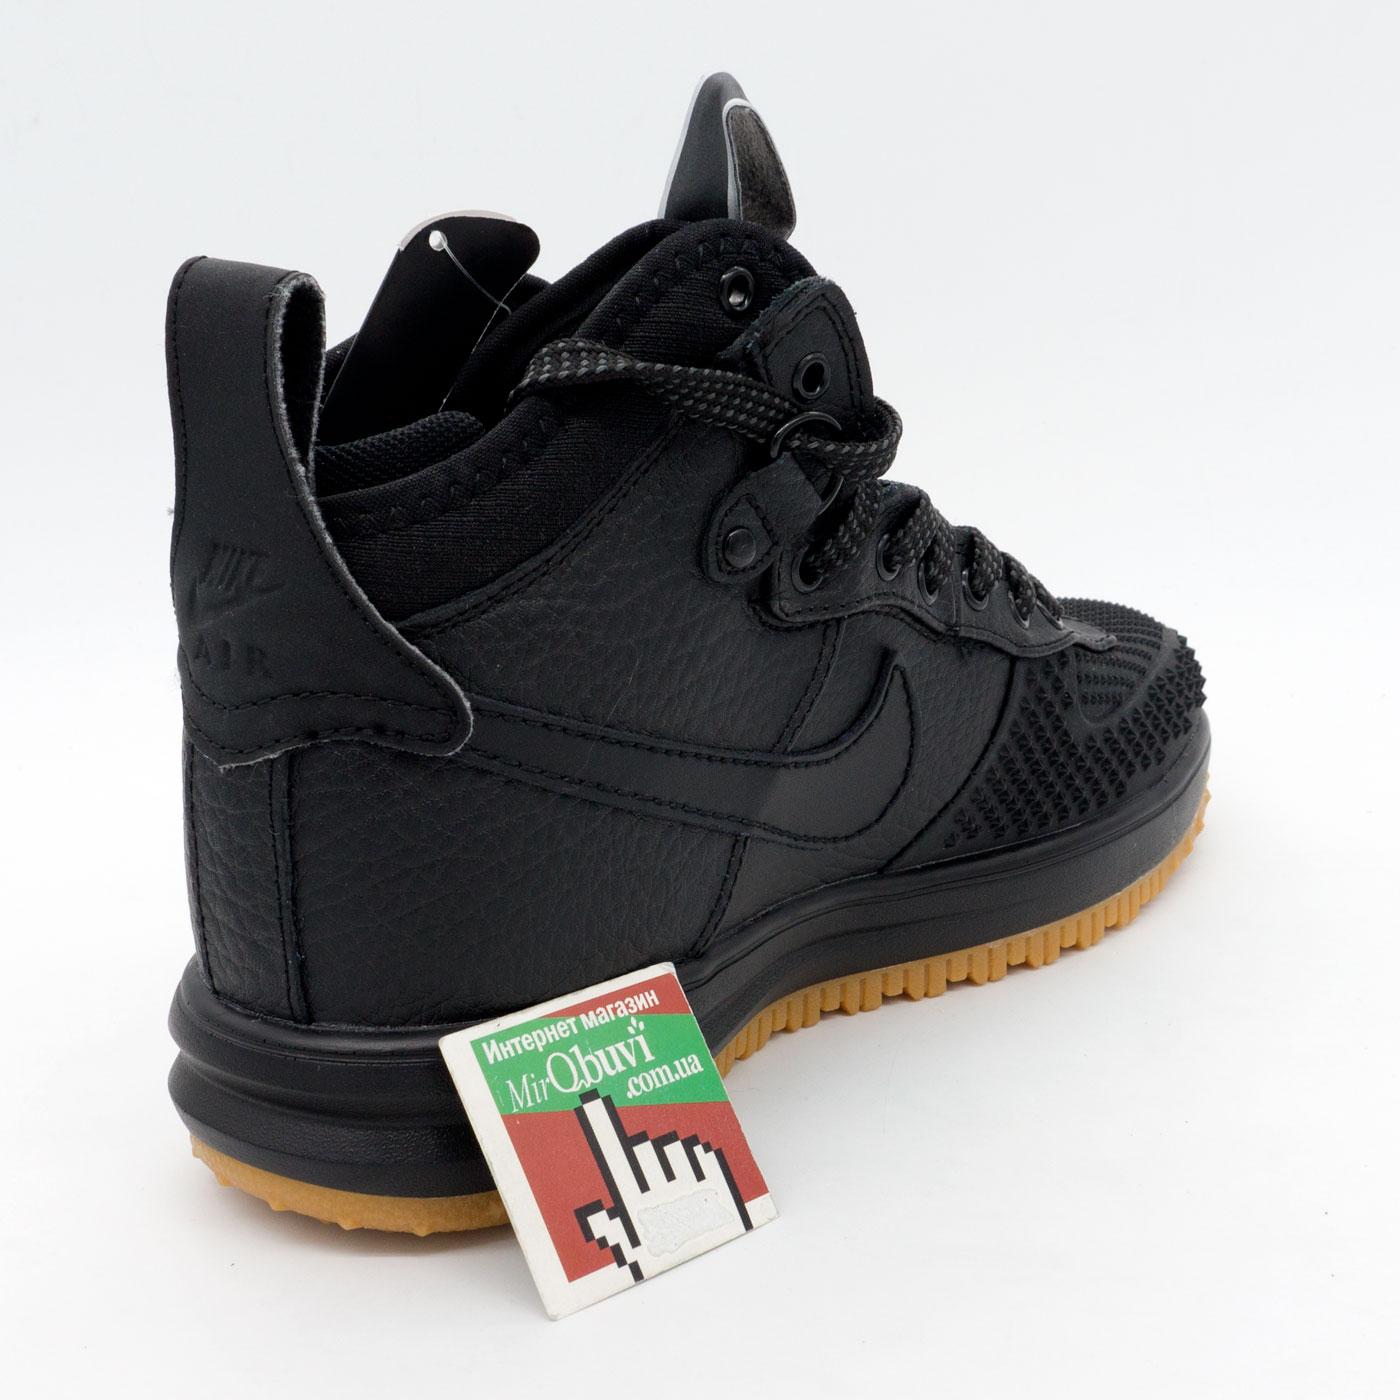 фото bottom Высокие черные кроссовки Nike Lunar Force 1 Duckboot. Топ качество! bottom